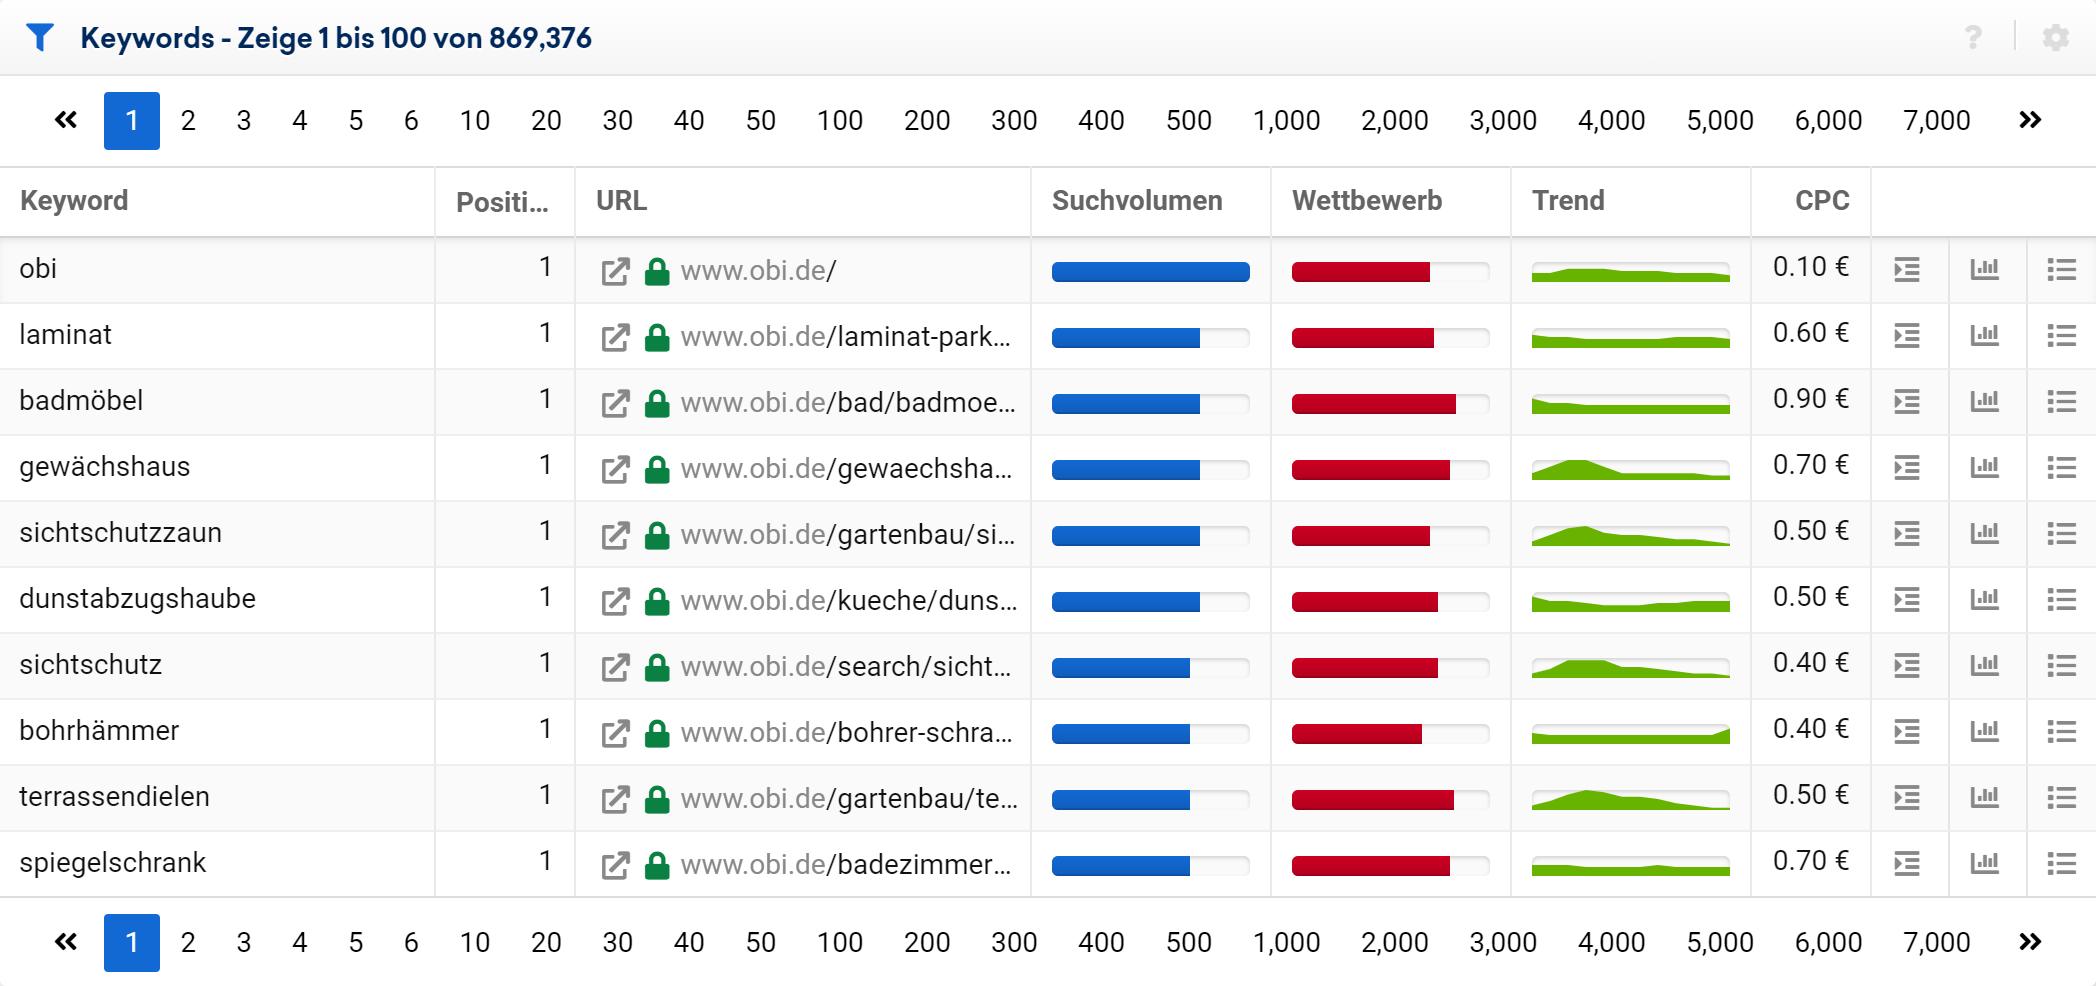 Keyword-Tabelle in der SISTRIX Toolbox für die Domain obi.de. Es wurden 869,376 Keywords gefunden.